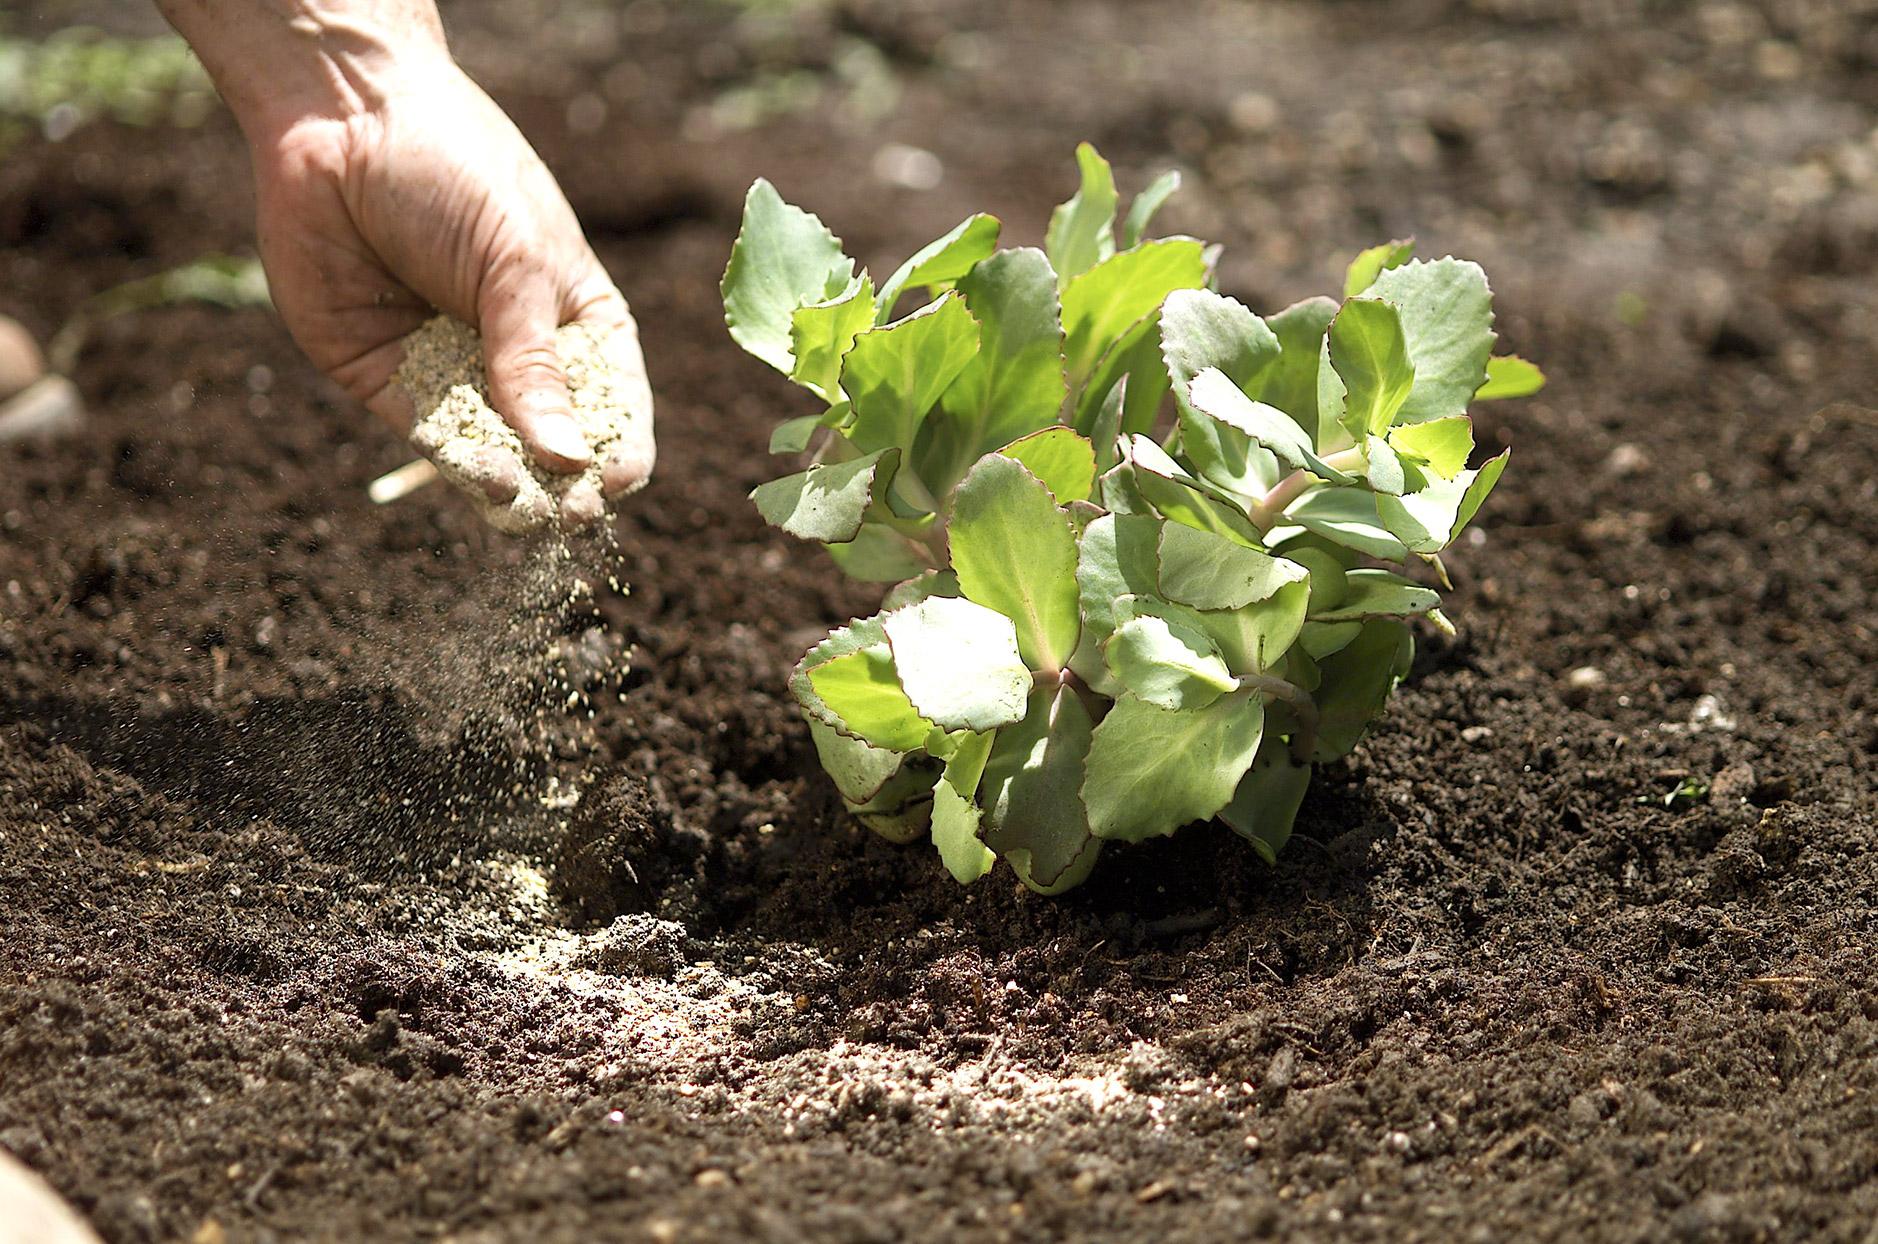 man-fertilizing-perennial-in-dirt-a9382036